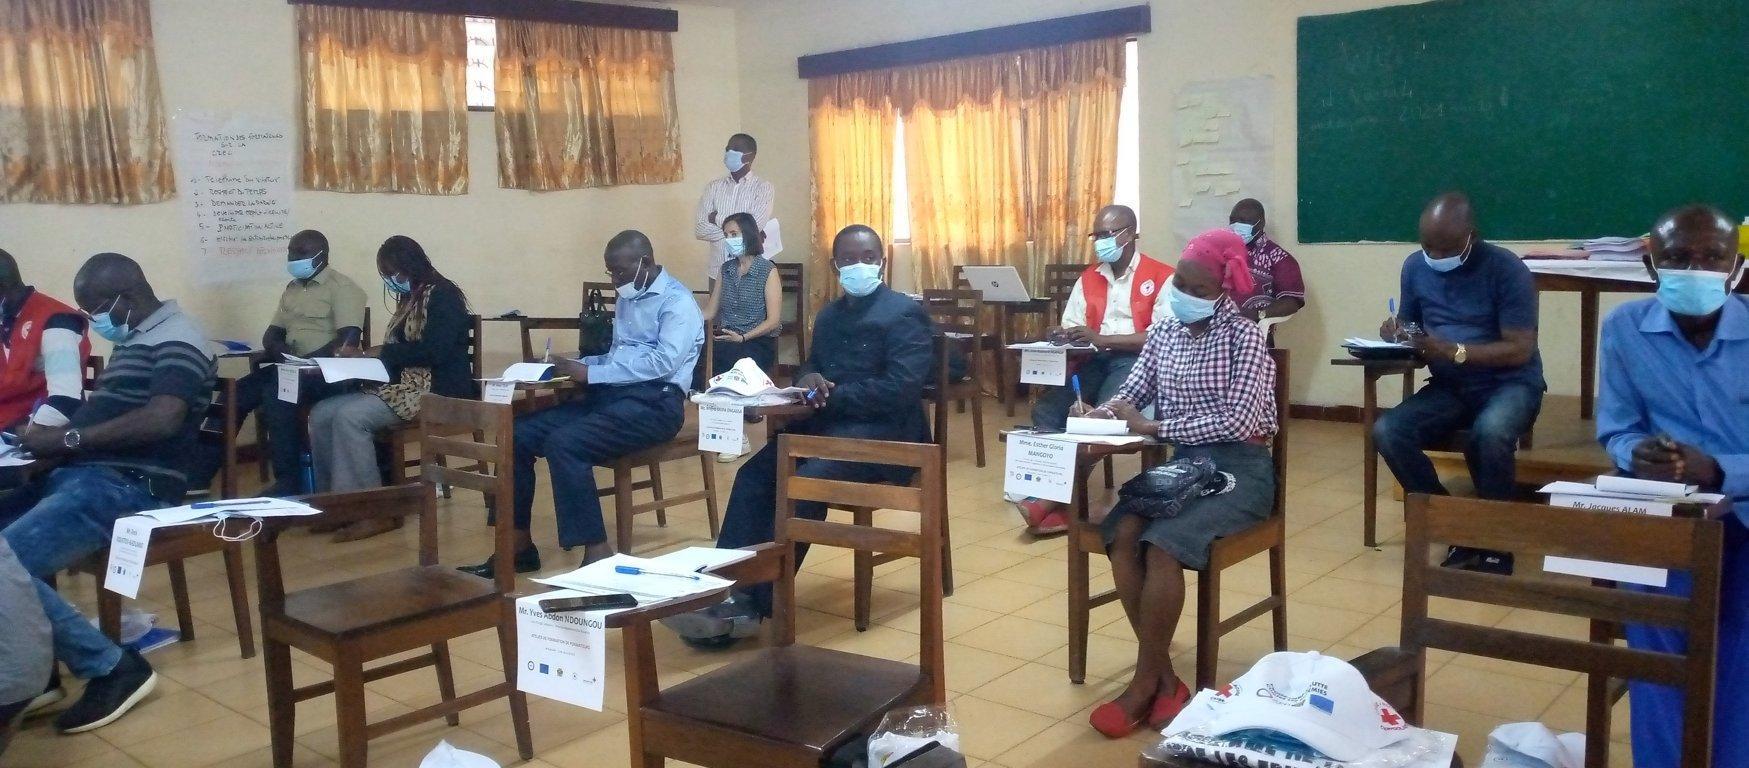 Croix-Rouge congolaise : les délégués renforcent leur capacité dans la riposte aux épidémies